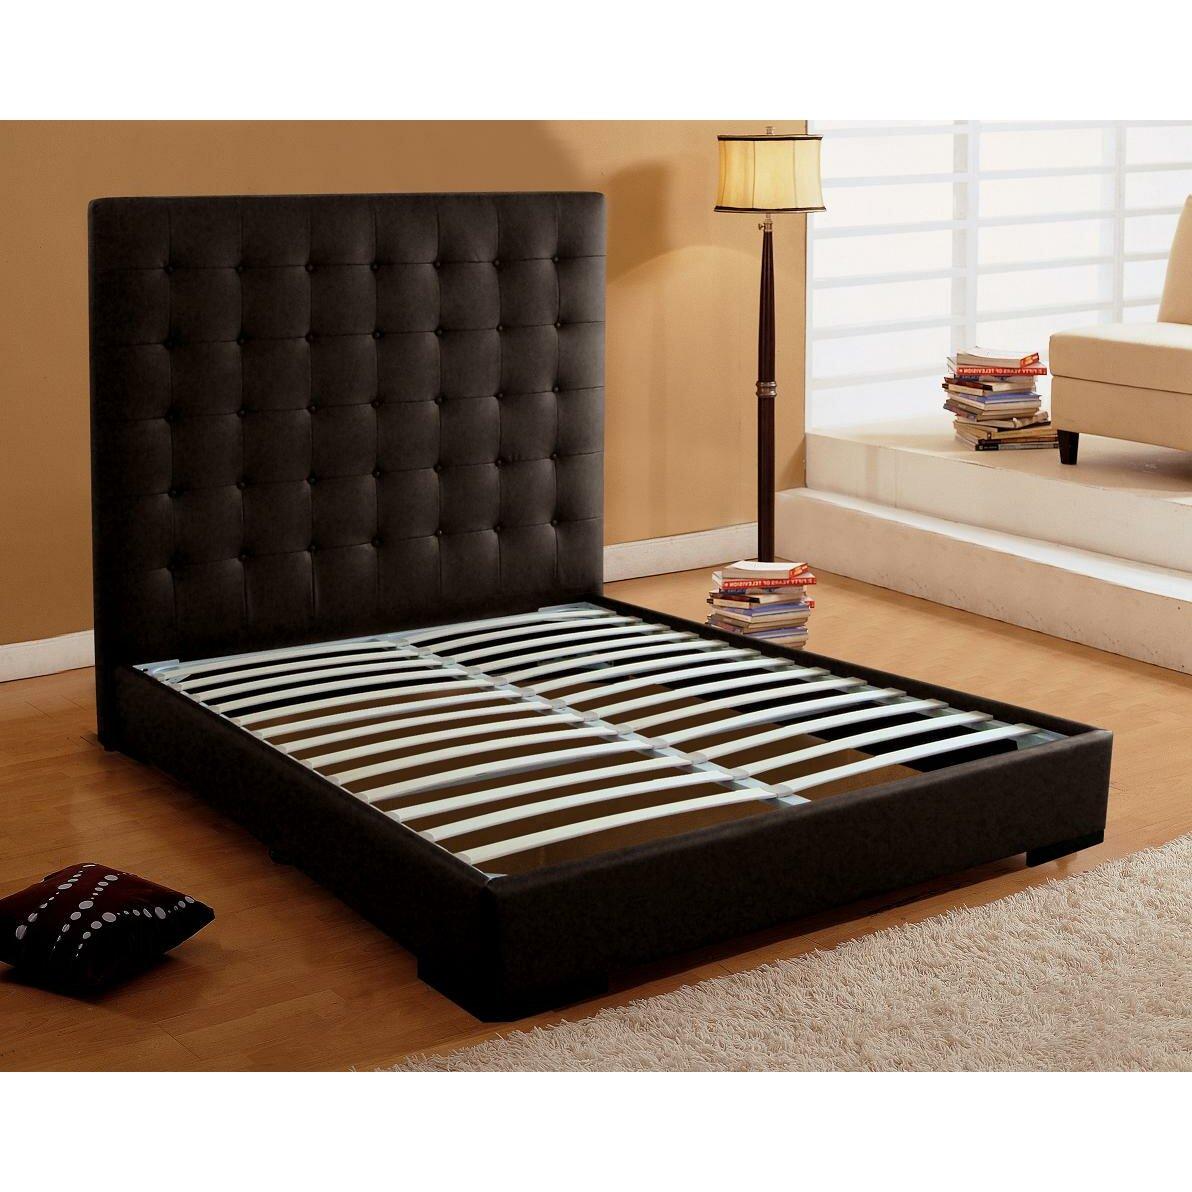 Dg casa metropolitan upholstered storage platform bed Platform king bed